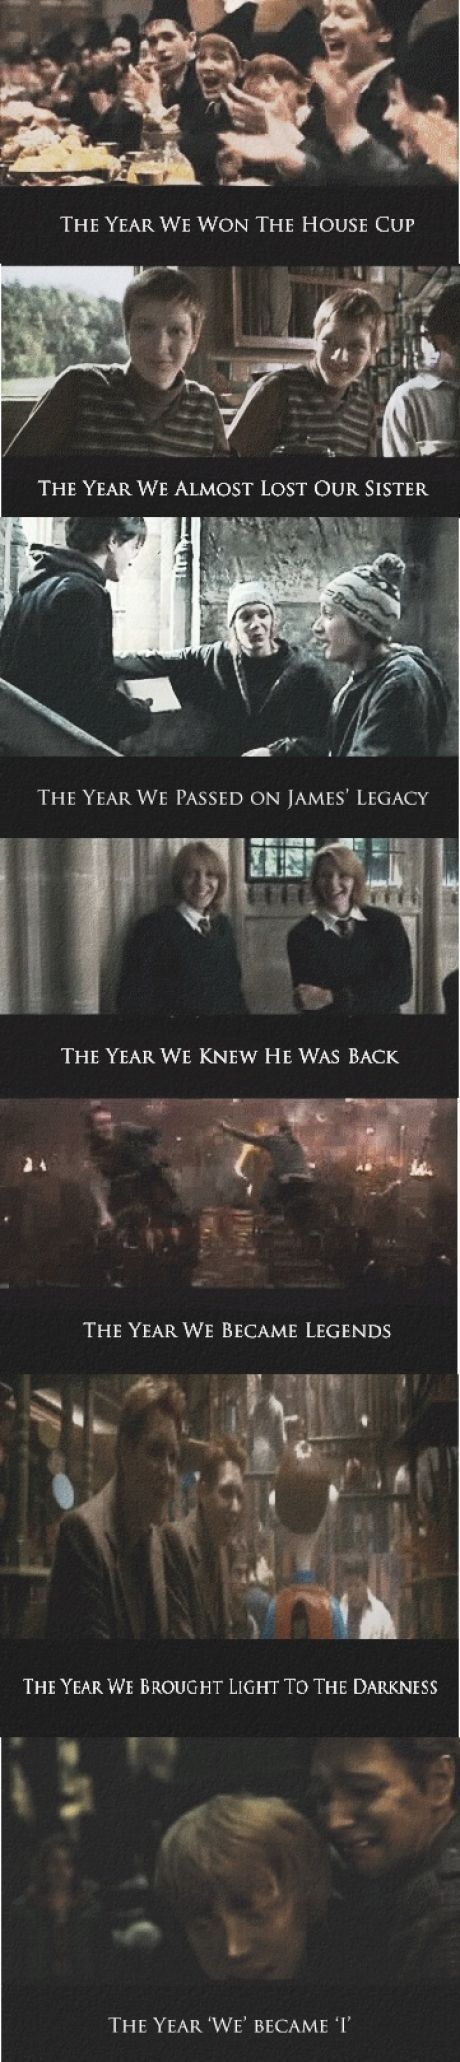 Eben Gestorben Ich Habe Sie Geliebt Und Tue Es Immer Noch Ich Wurde Sterben Wenn Meine Zwillingsschwester Sophie G Harry Potter Harry Potter Tylypahka Surullinen